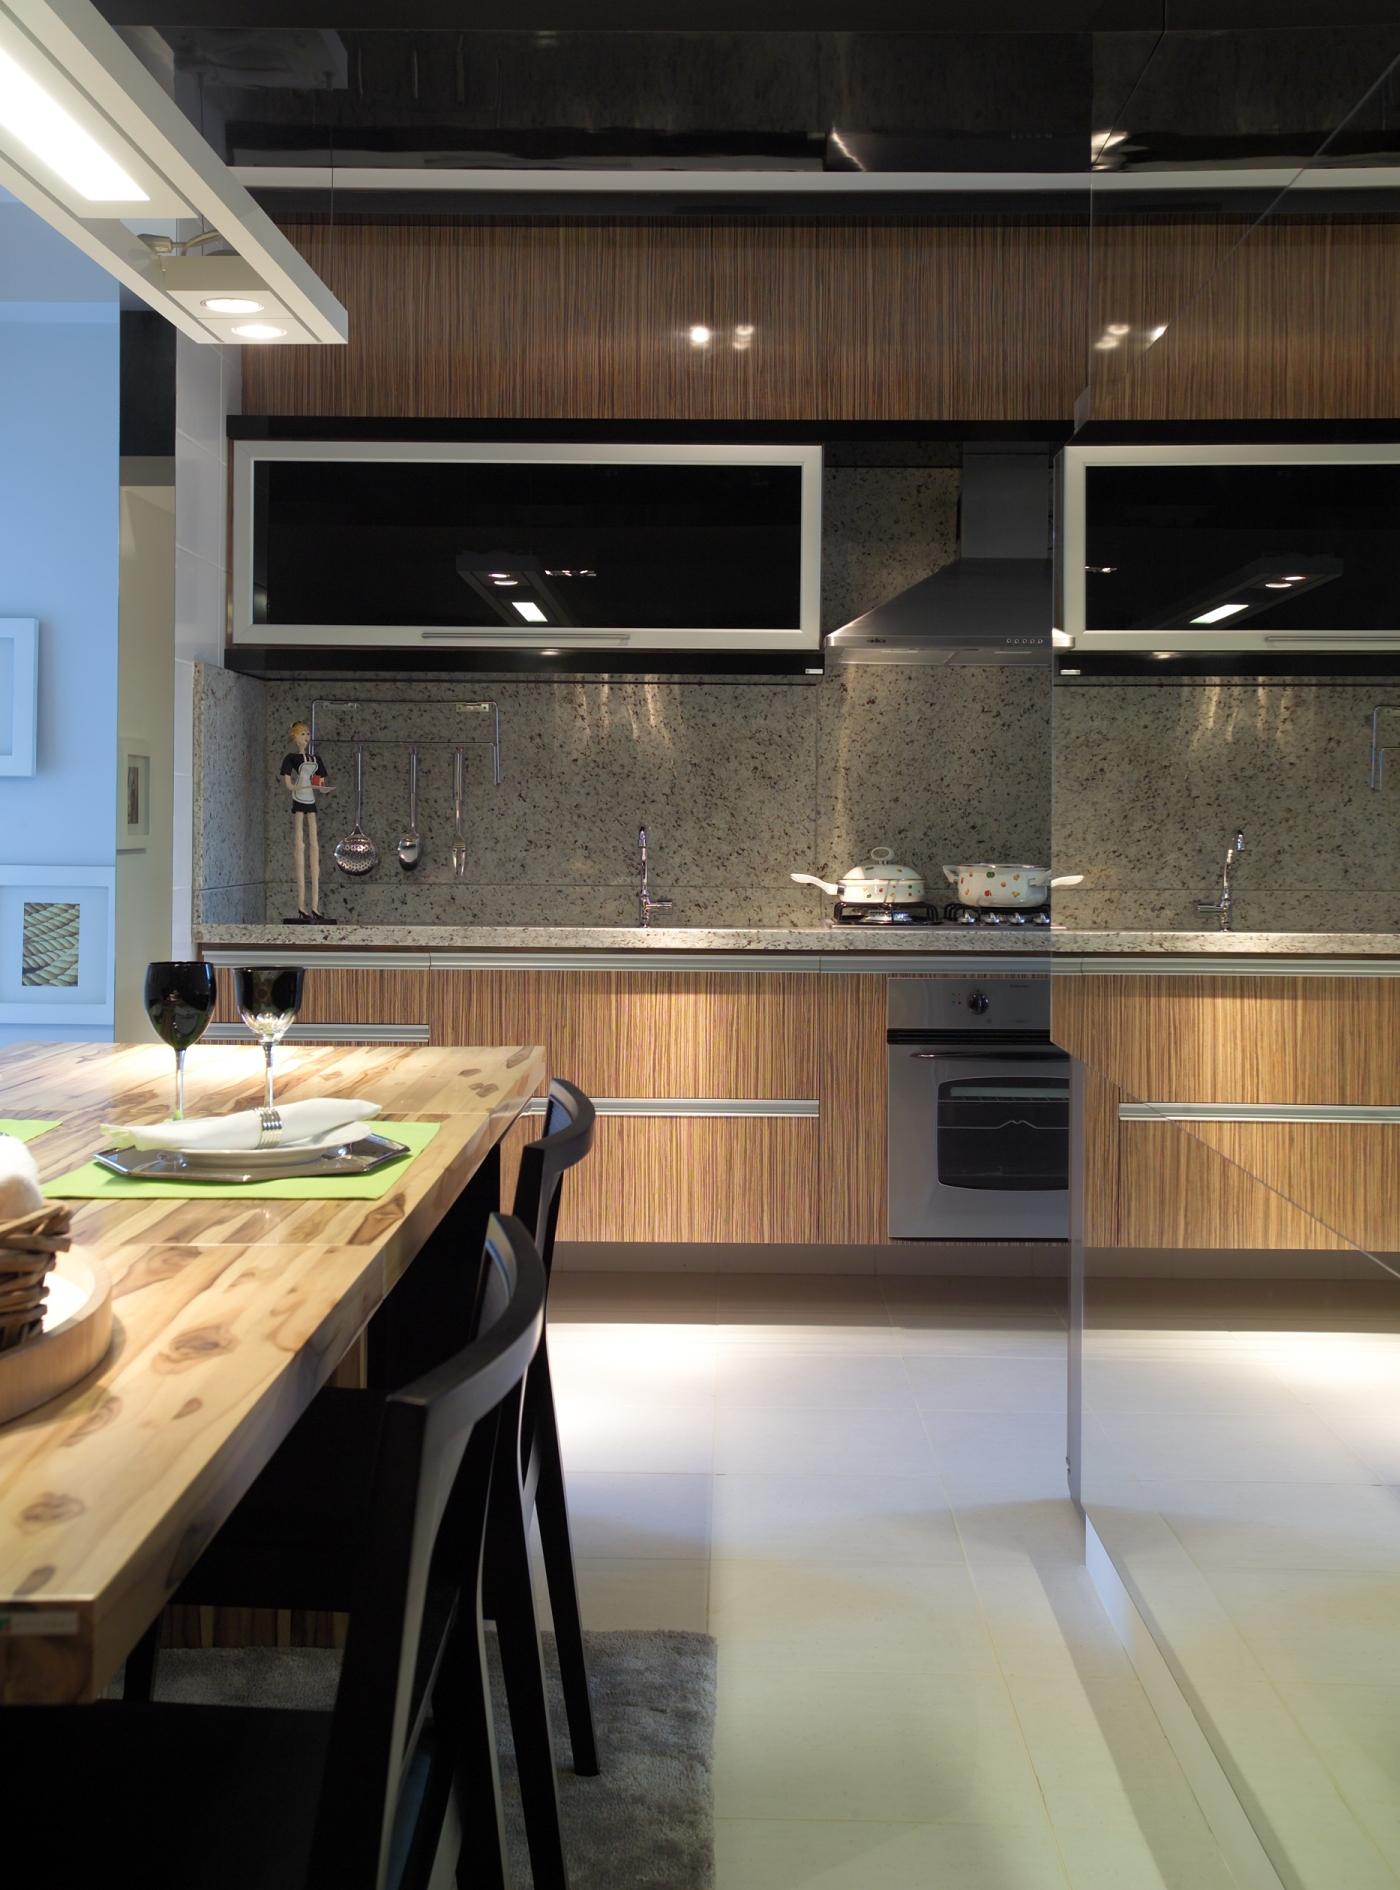 Cozinha integrada com apoio acoplado